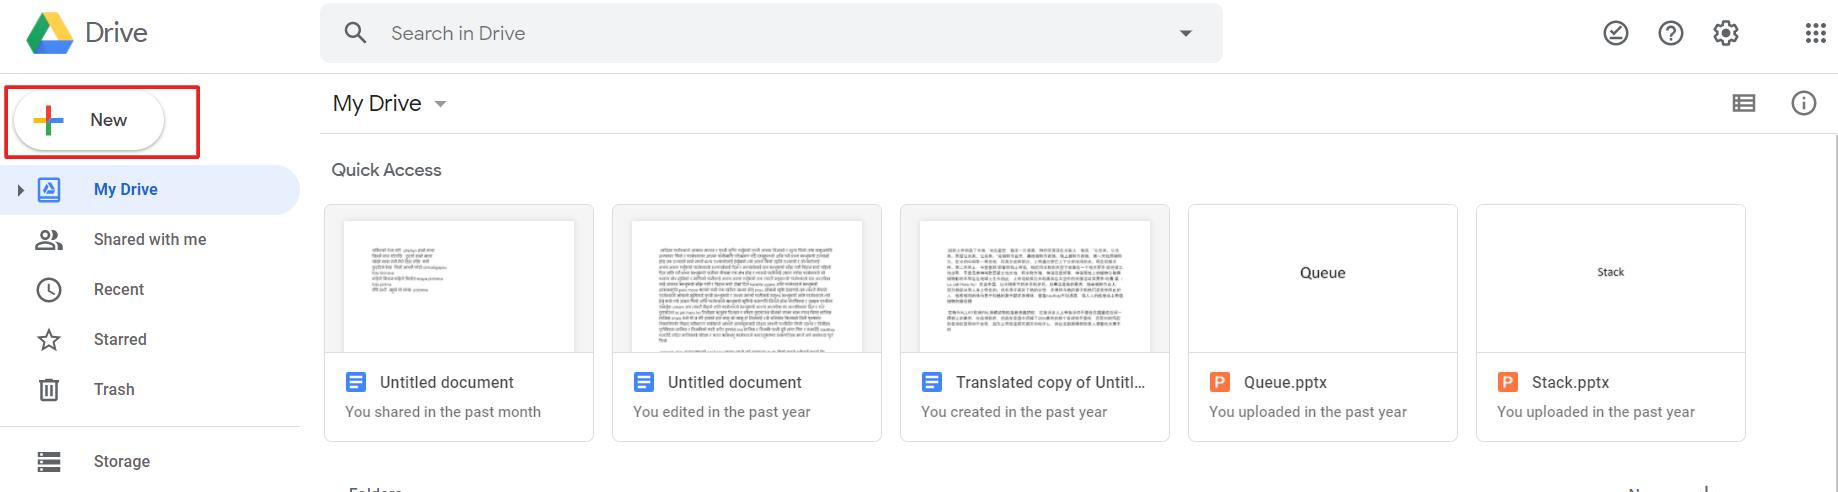 Add new file in Google Drive